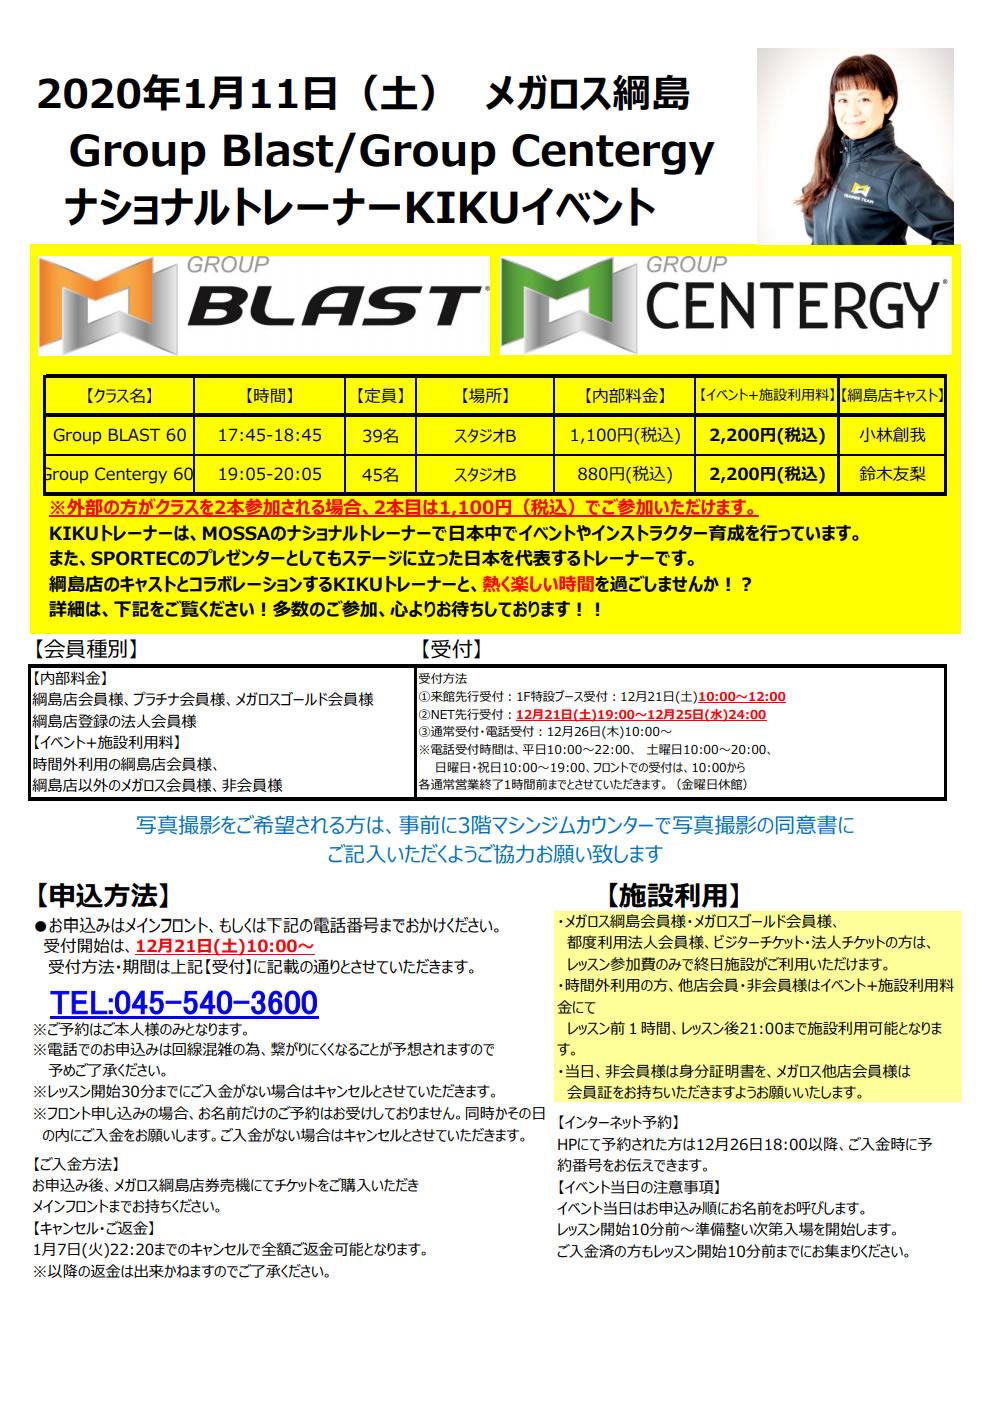 メガロス綱島  Group Blast/Group Centergy  ナショナルトレーナーKIKUイベント